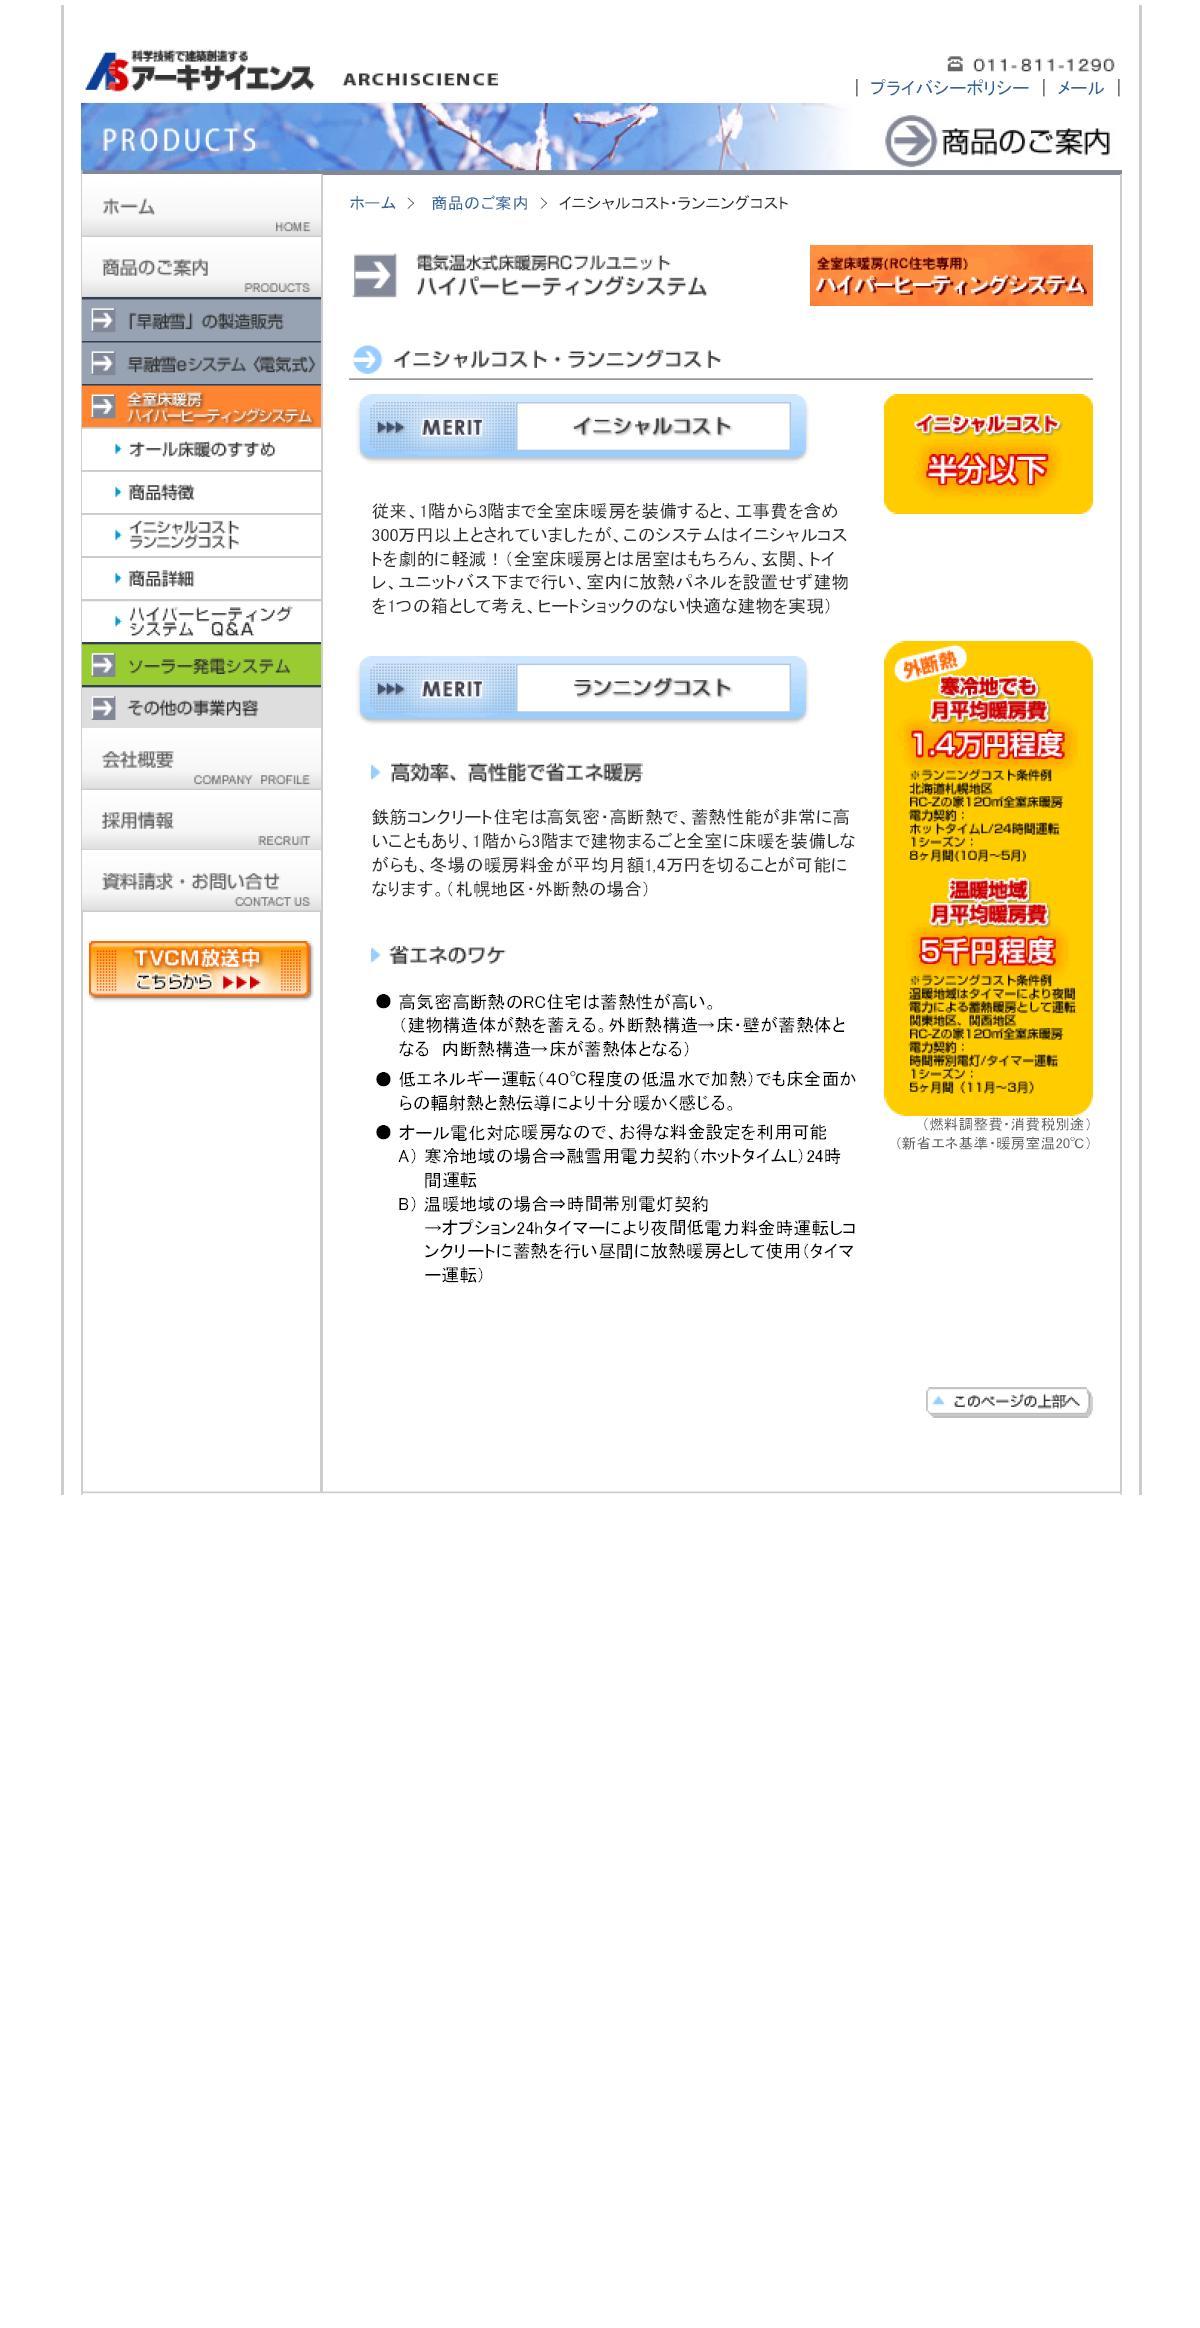 b0088521_1374364.jpg